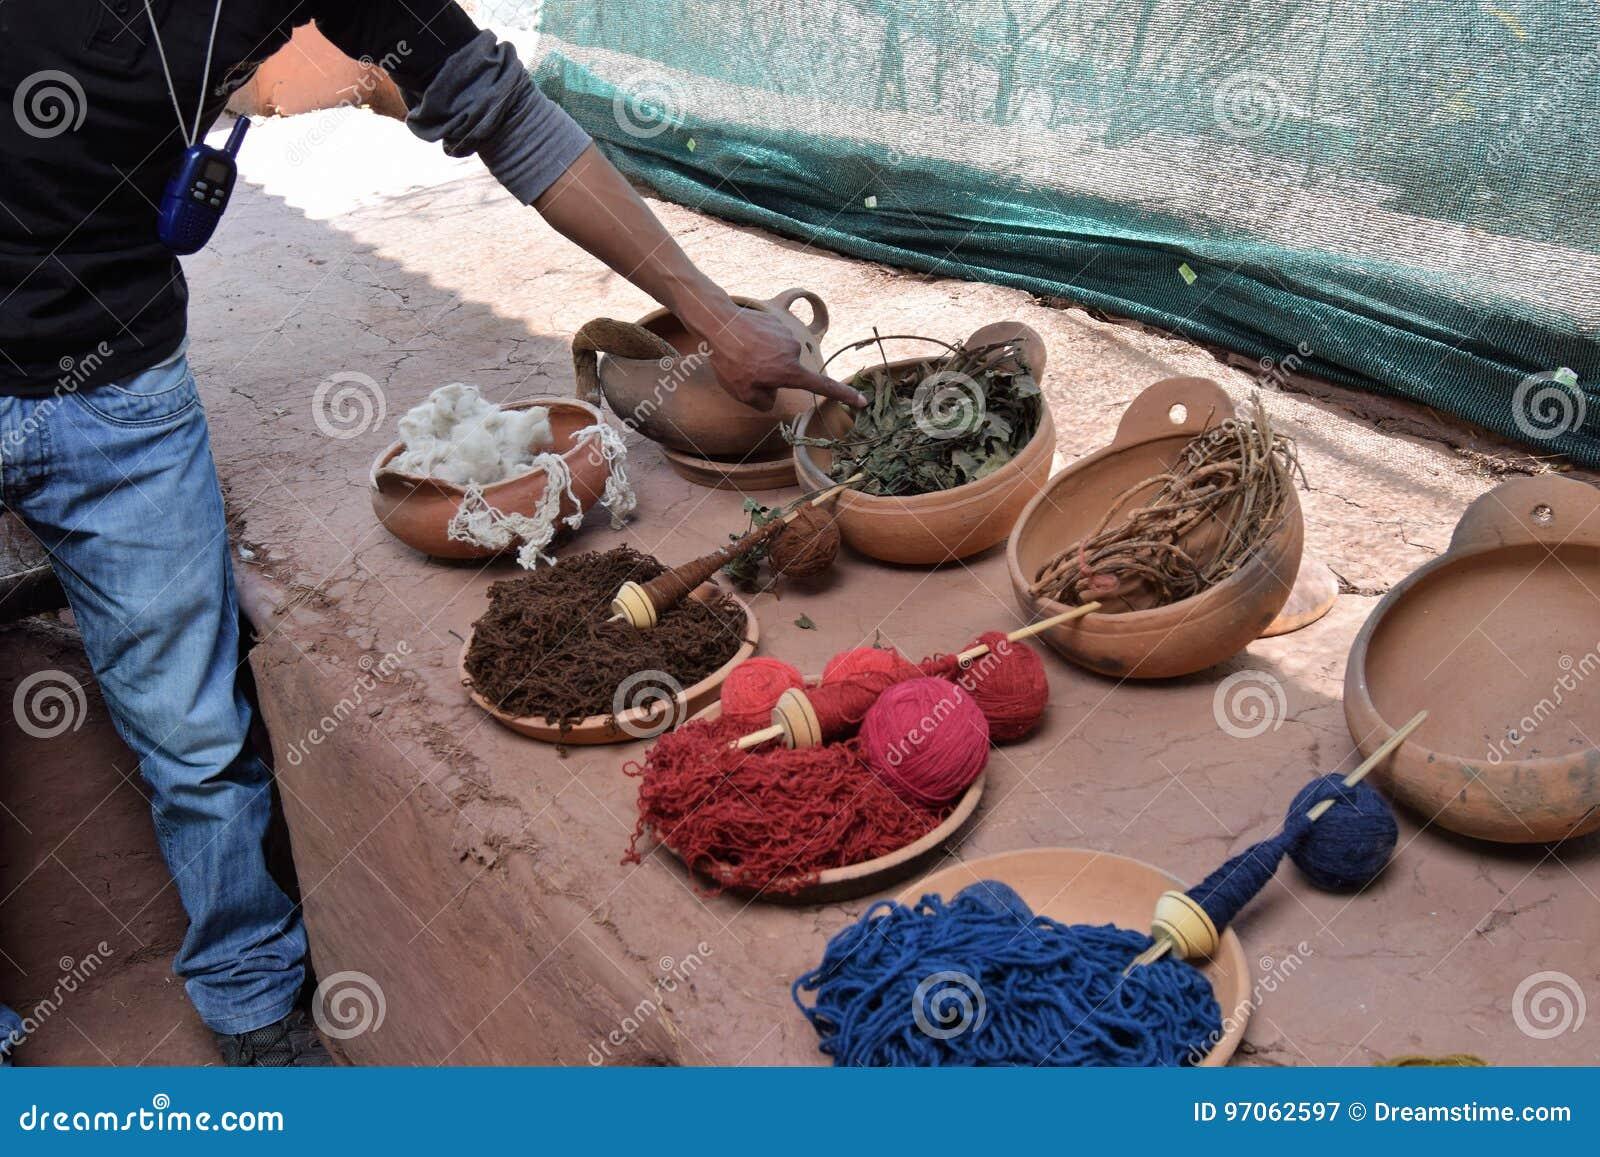 Usando tinturas naturais para lãs em Cuzco, Peru